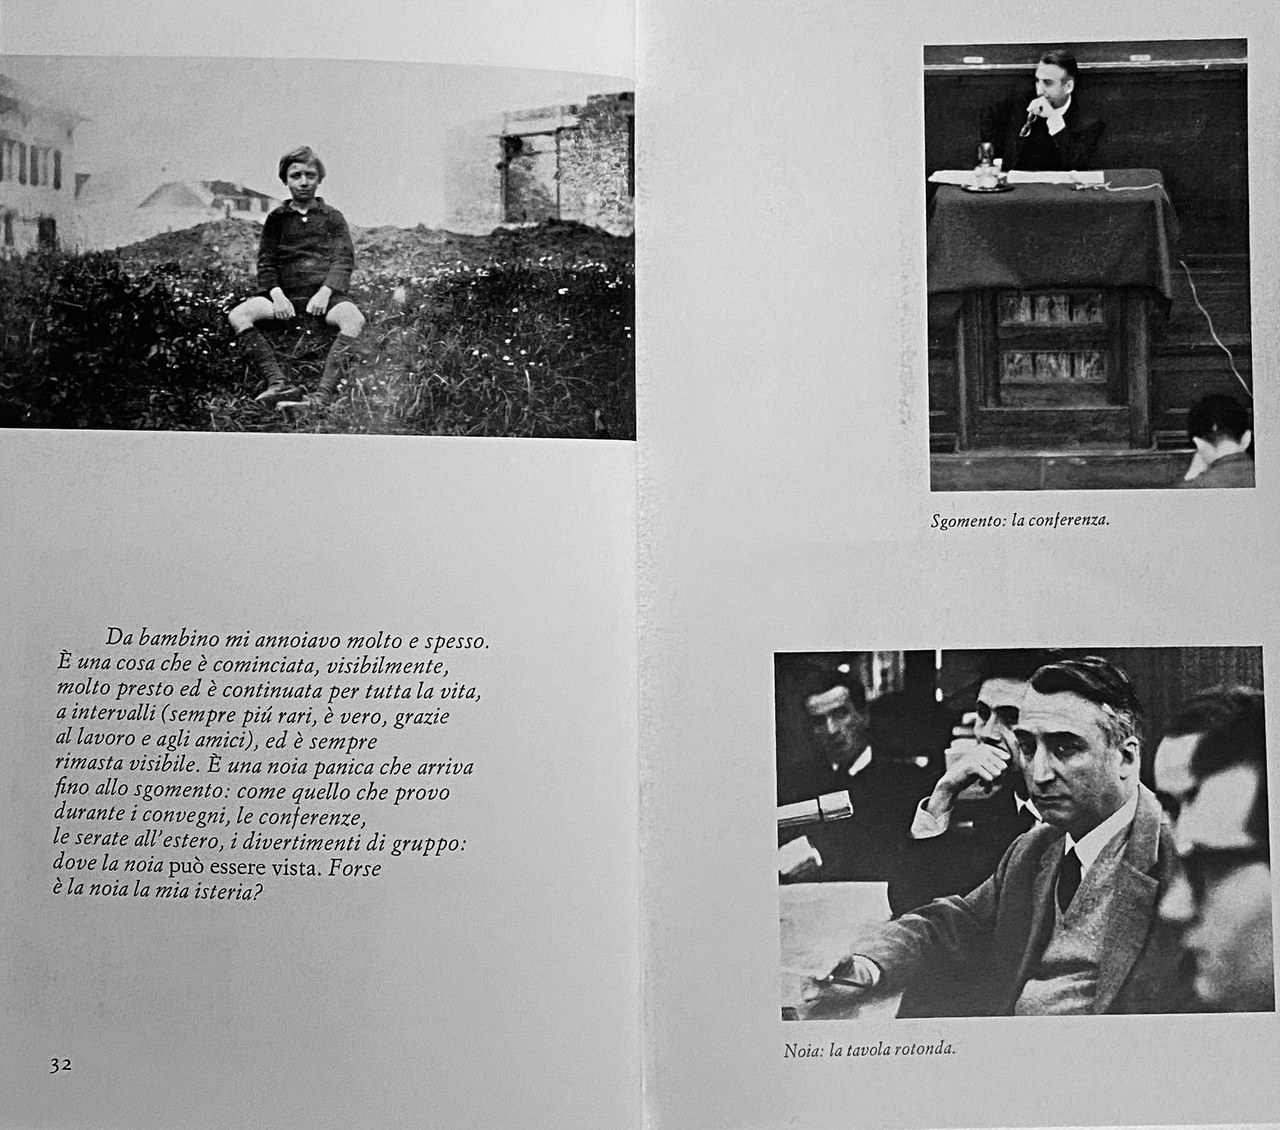 Due pagine di Roland Barthes par Roland Barthes, trad. it. di G. Celati, 2007